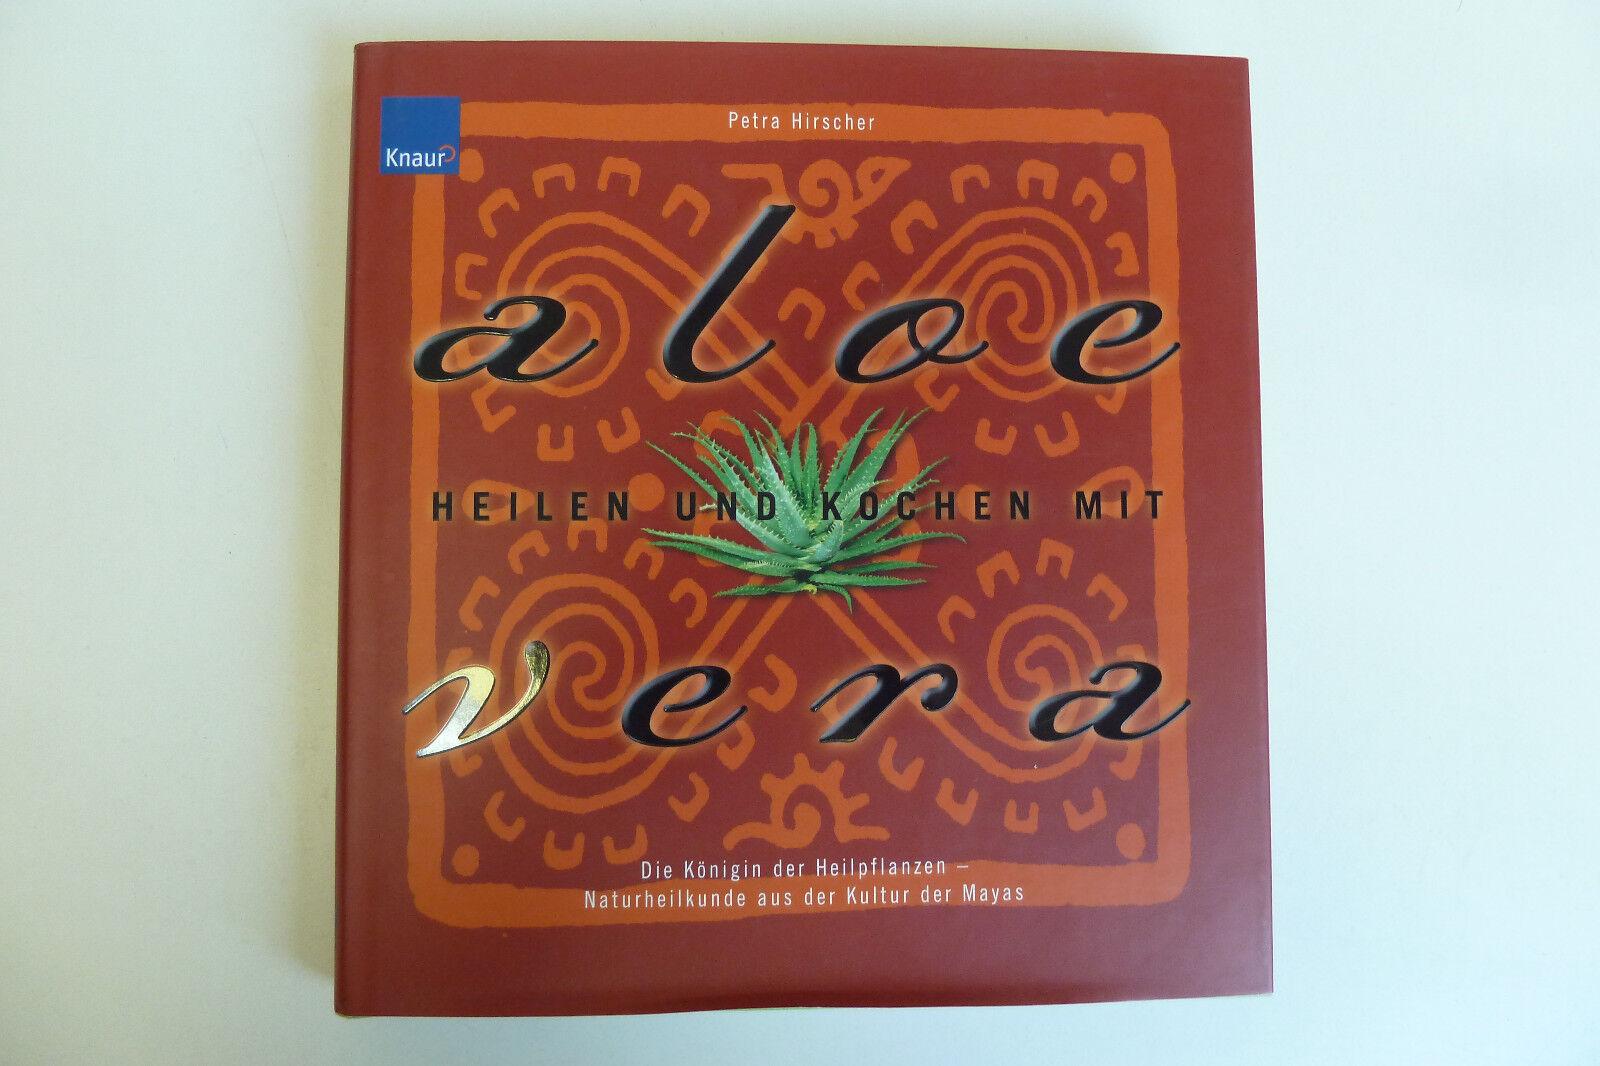 """Buch """"Heilen und kochen mit Aloe Vera"""" (Petra Hirscher) - Heilpflanzen"""